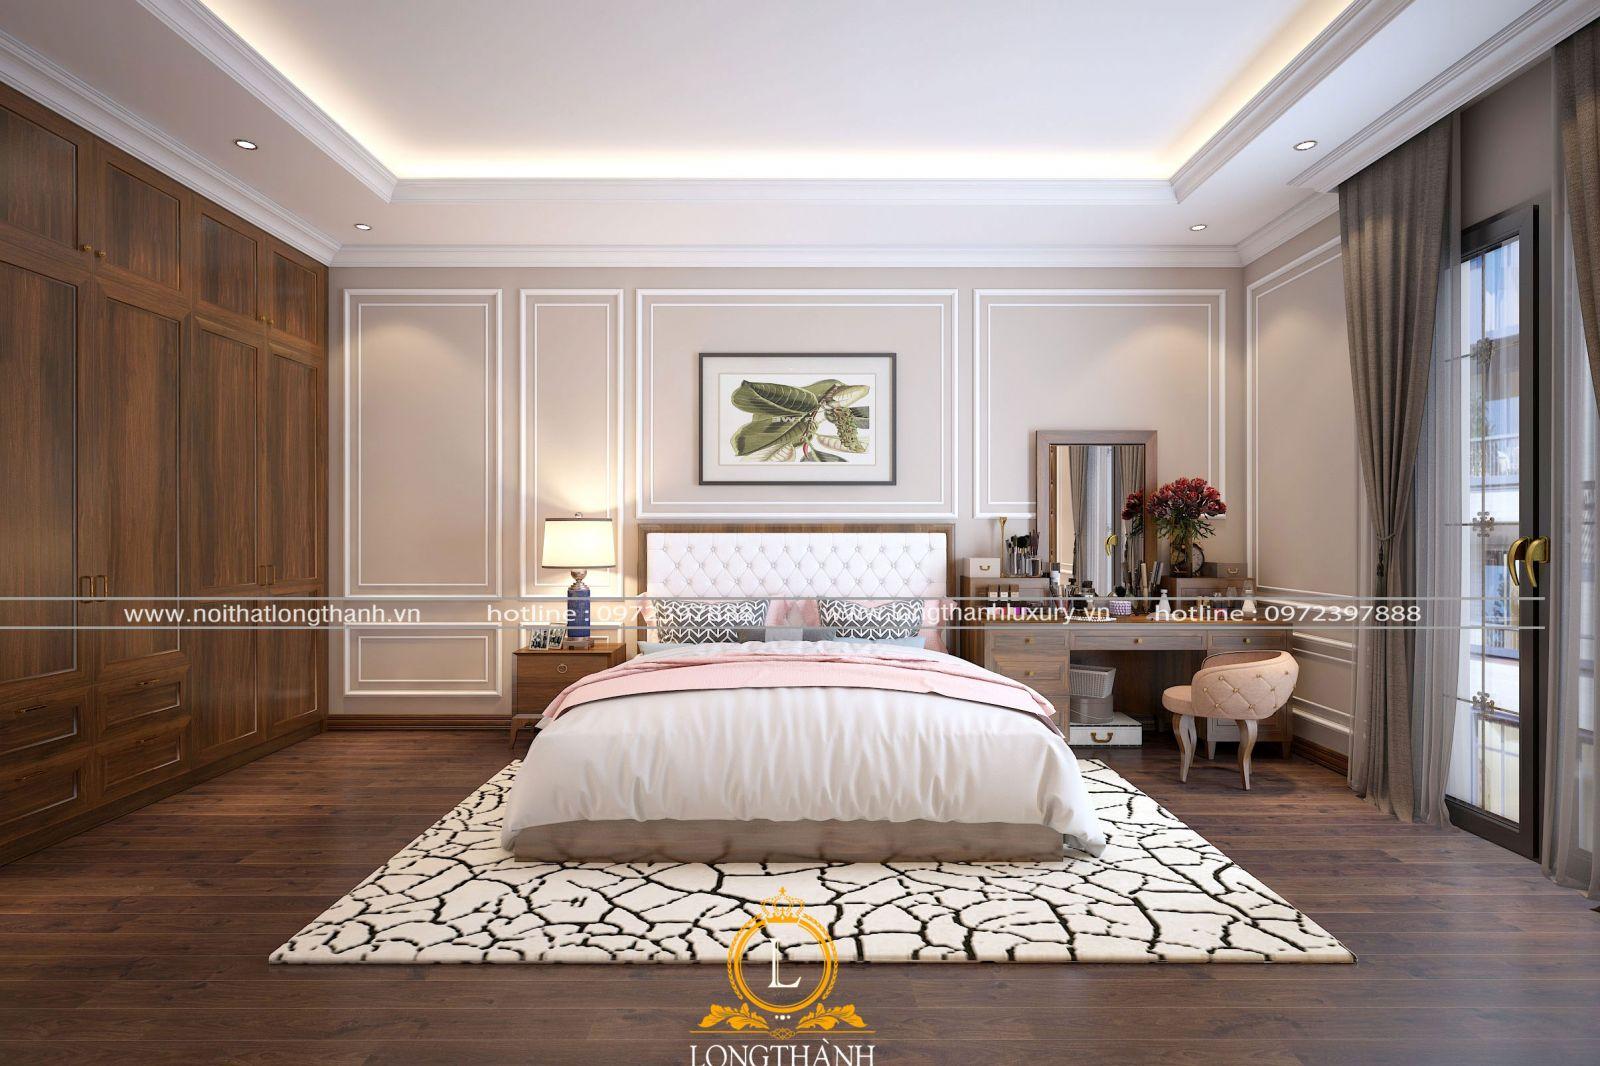 Nội thất phòng ngủ hiện đại với gỗ tự nhiên cao cấp